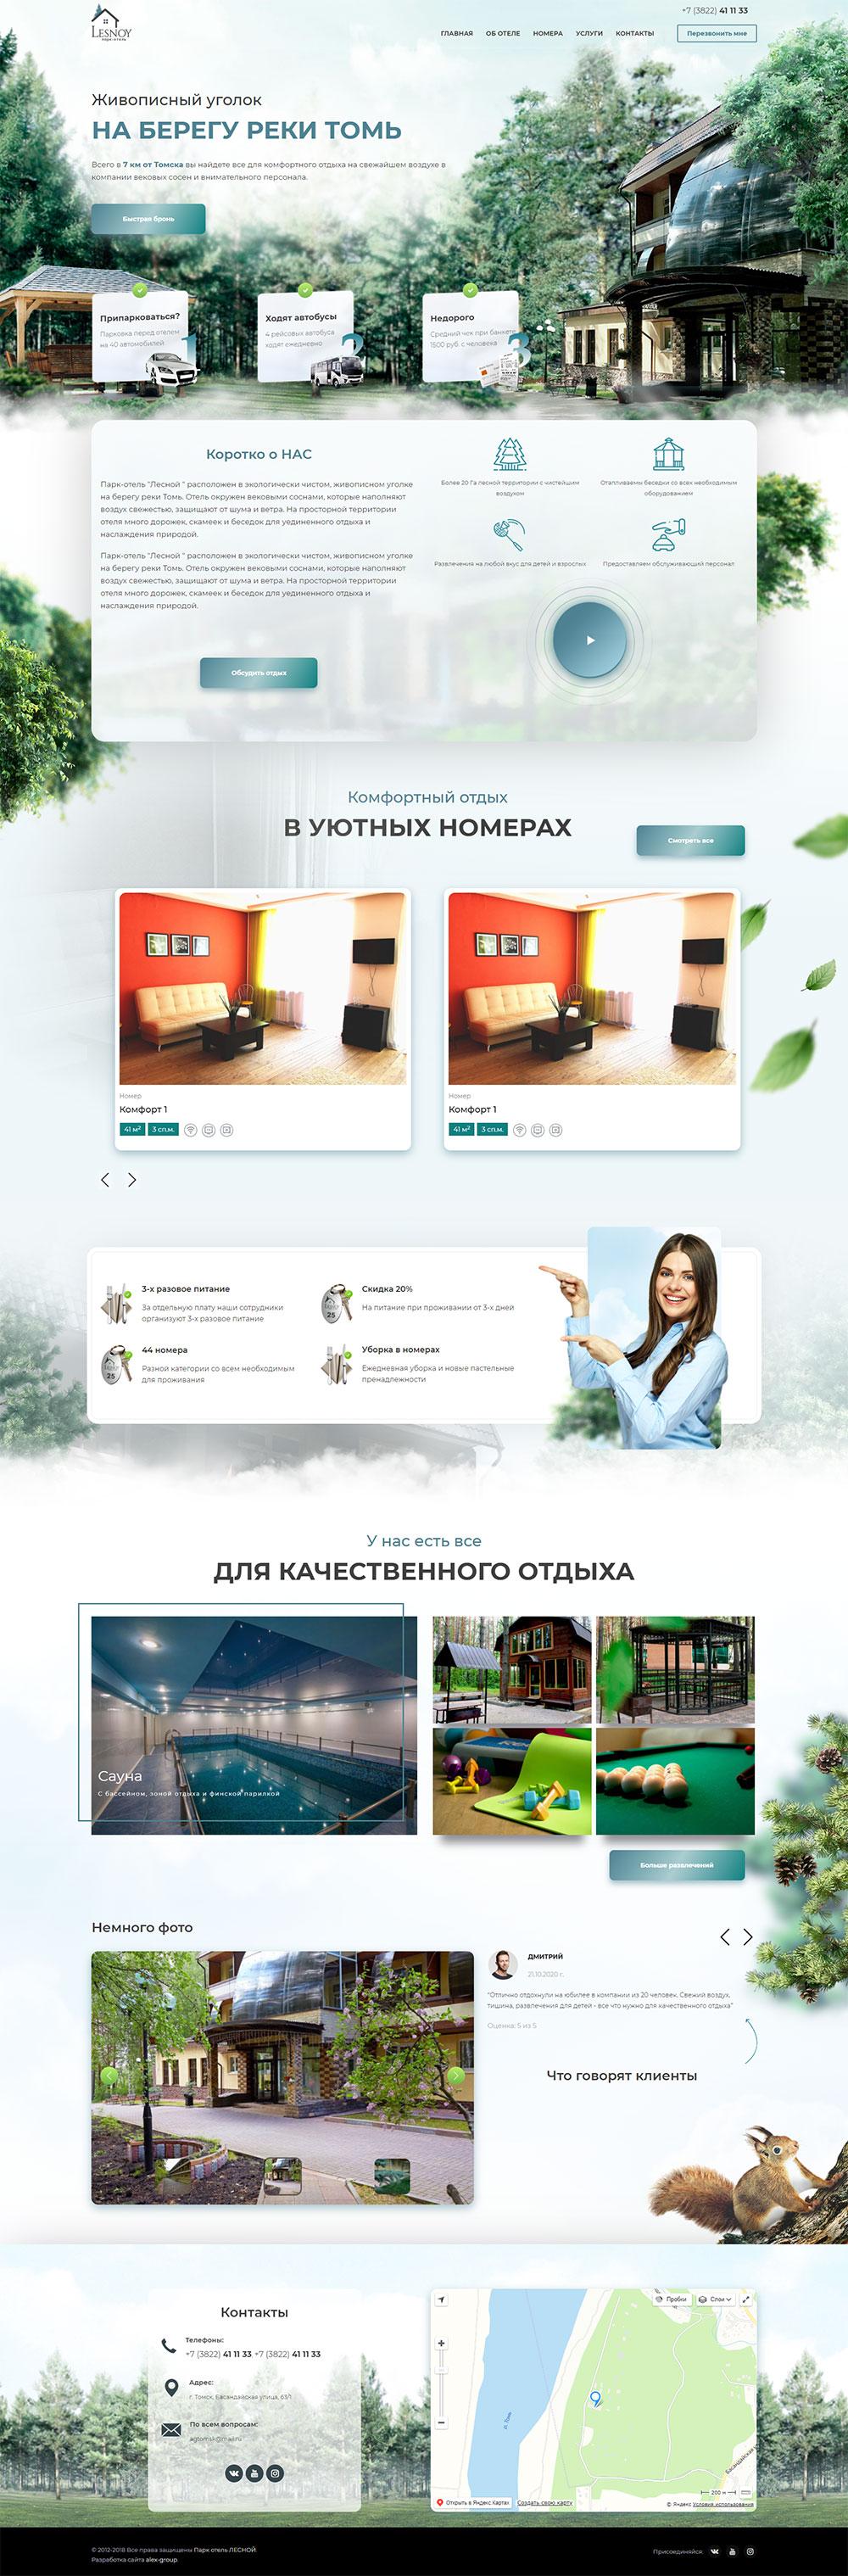 Разработка сайта Парка-отель Лесной